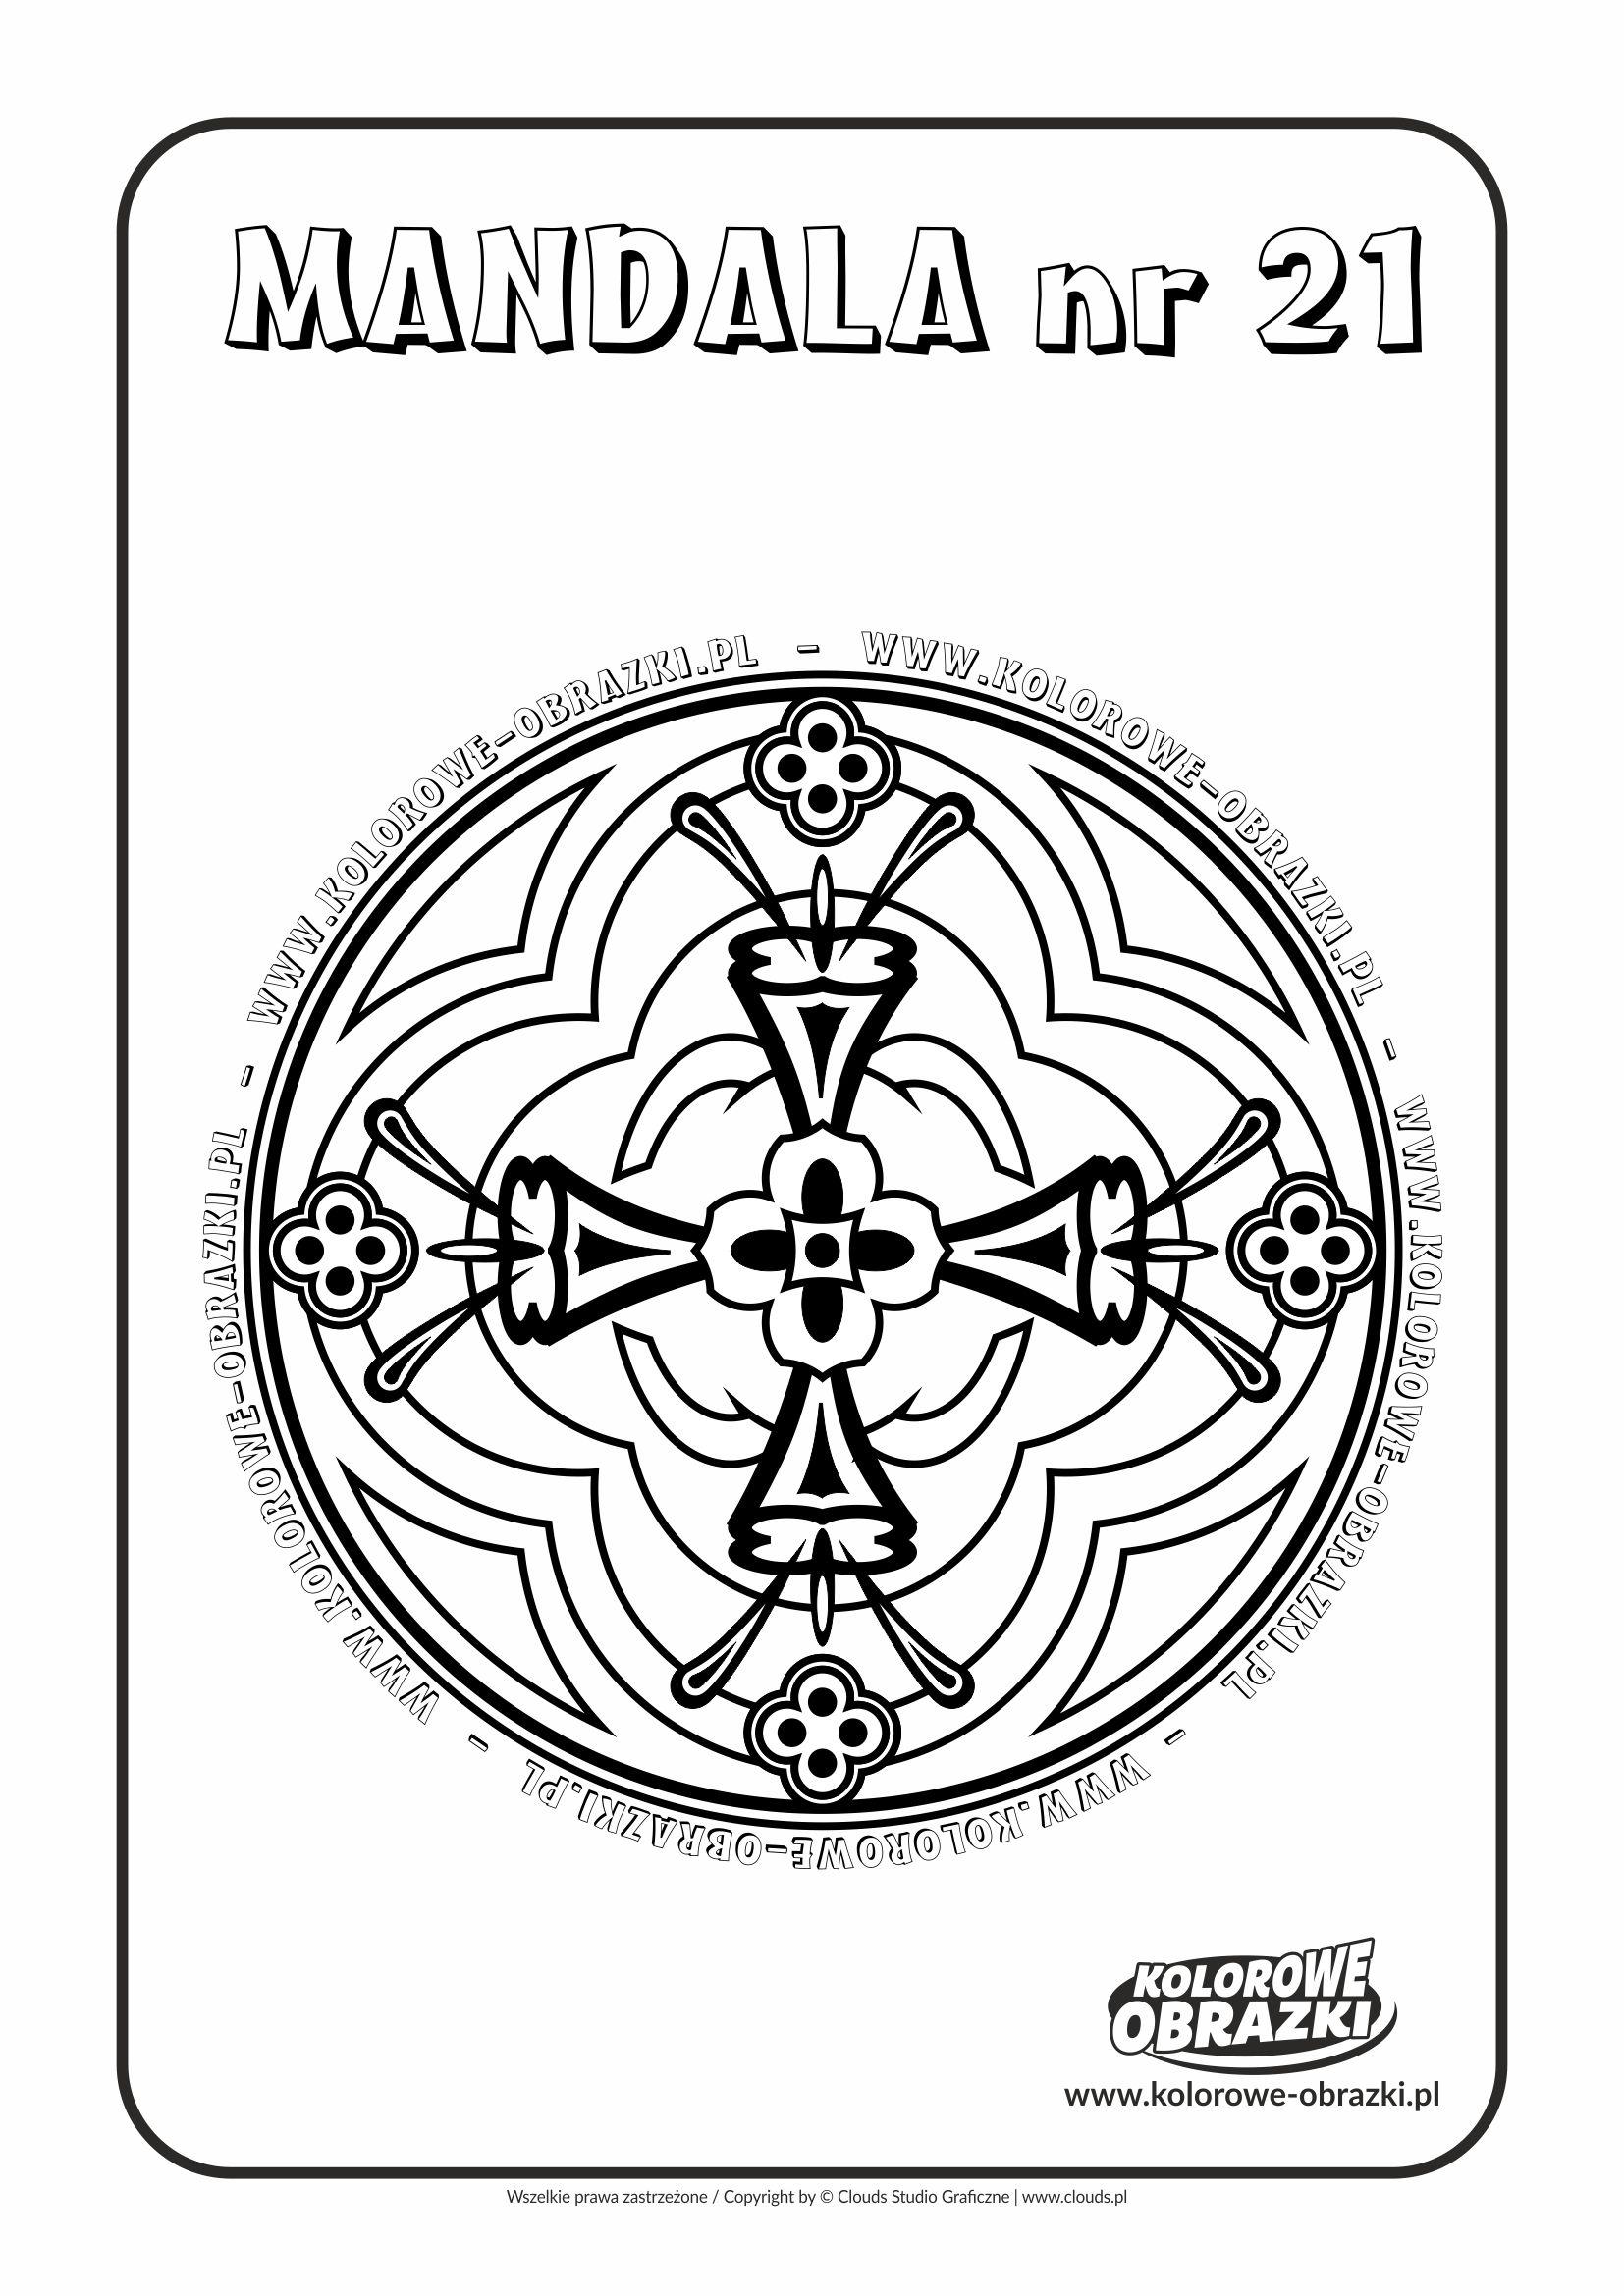 Kolorowanki dla dzieci - Mandale / Mandala nr 21. Kolorowanka z mandalą